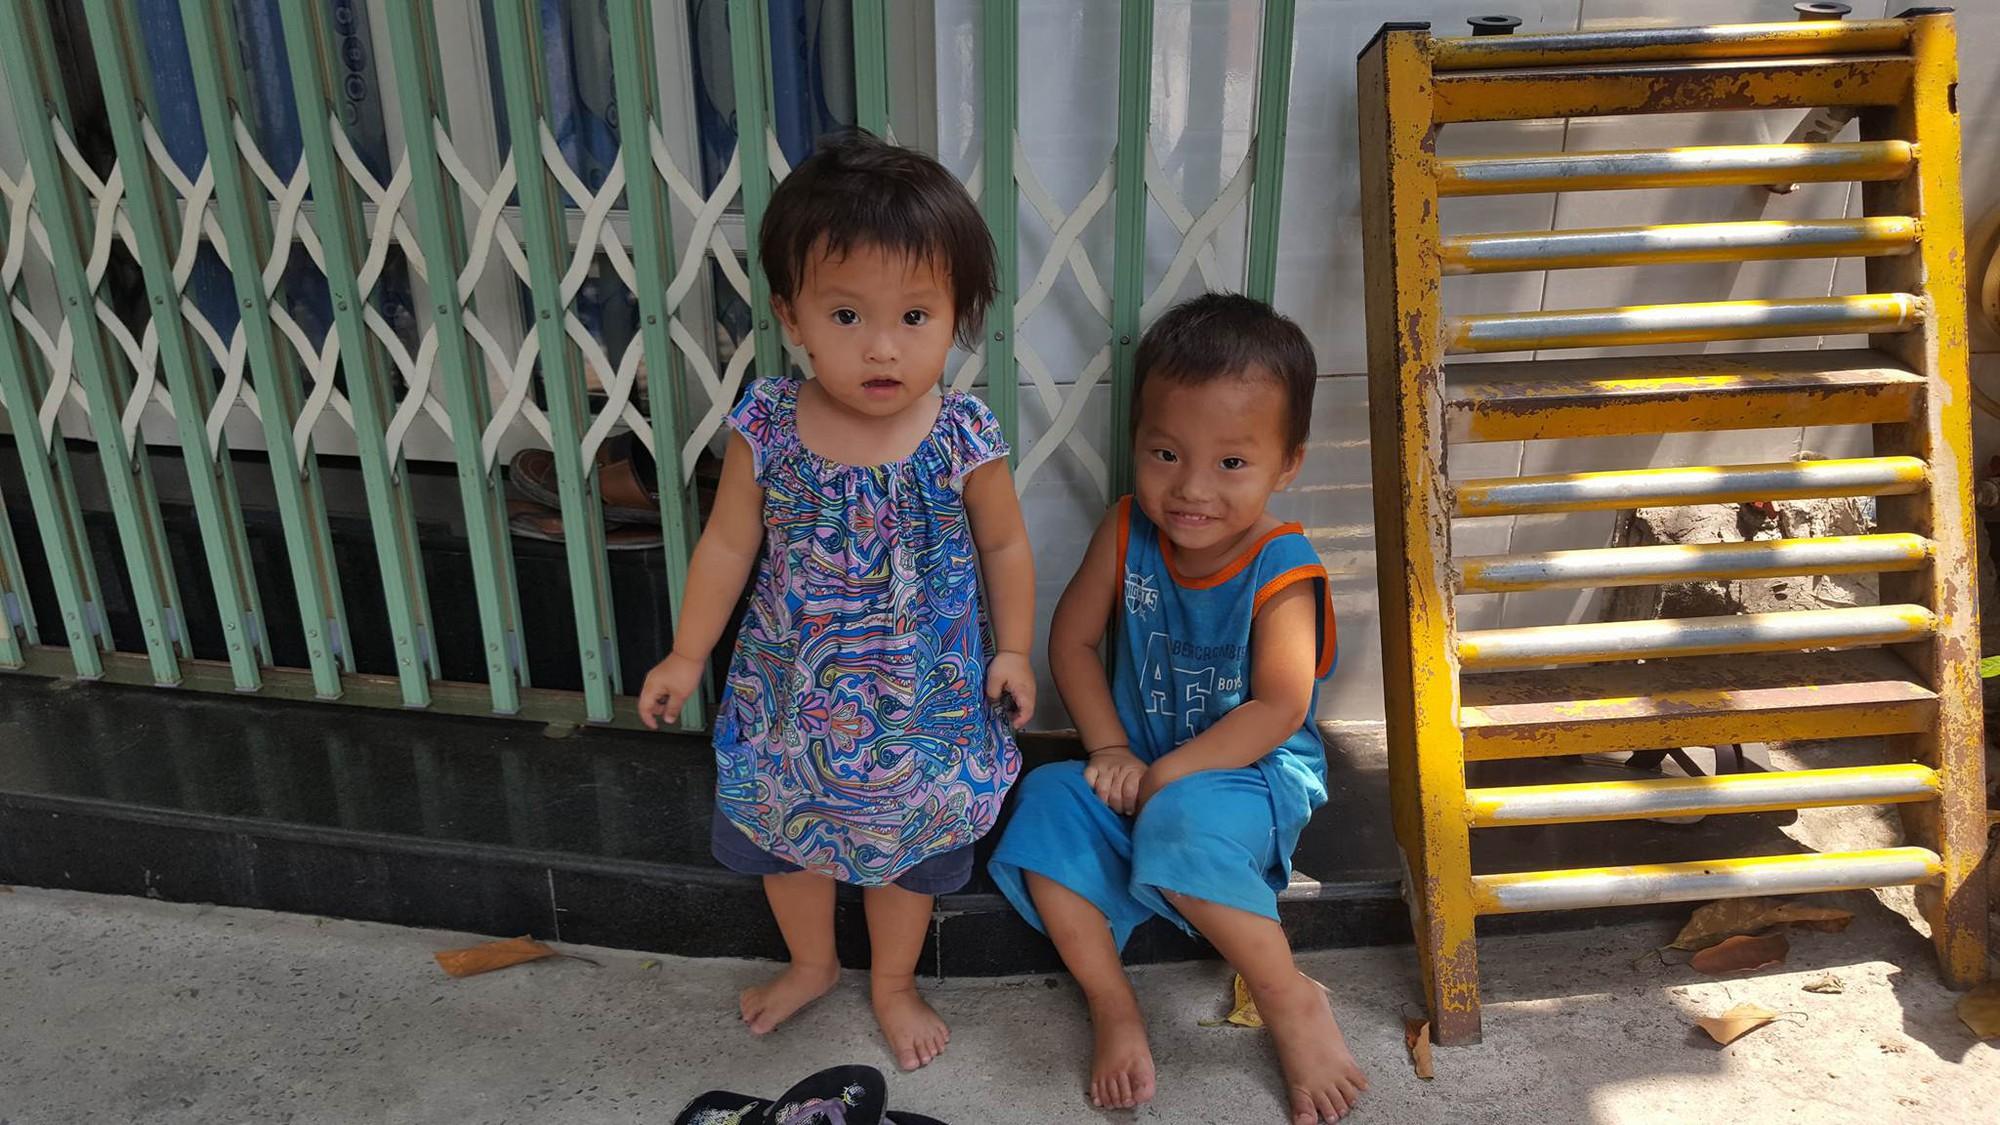 Tìm thấy bé gái 8 tuổi mất tích sau khi đón xe buýt từ làng ĐH Quốc Gia xuống trung tâm Sài Gòn trong lúc đi ăn xin 4